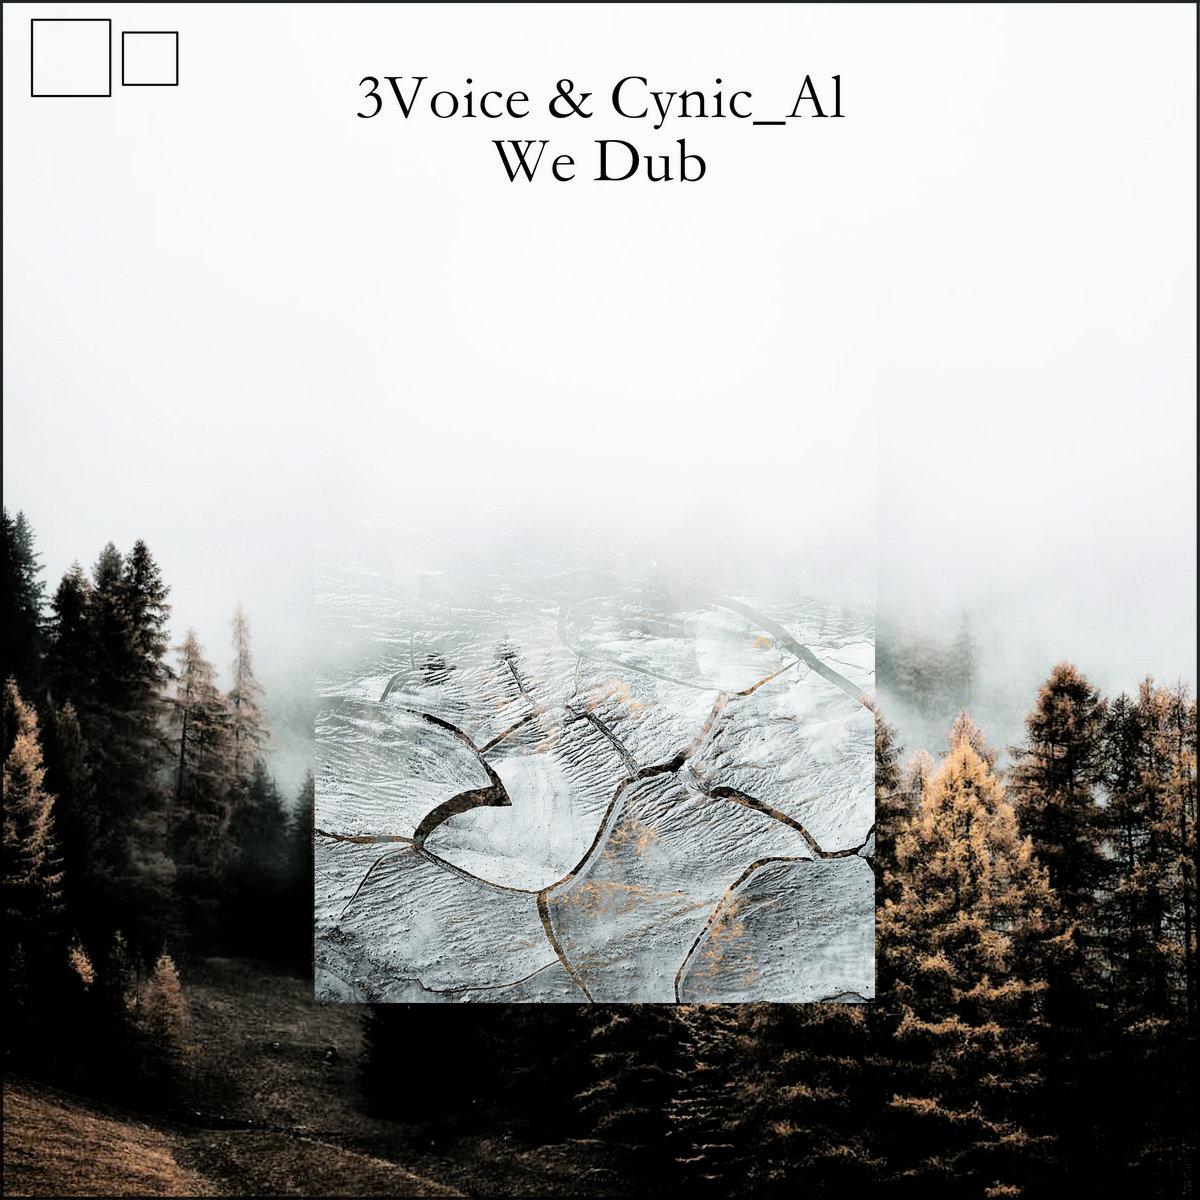 3Voice & Cynic_Al – We Dub